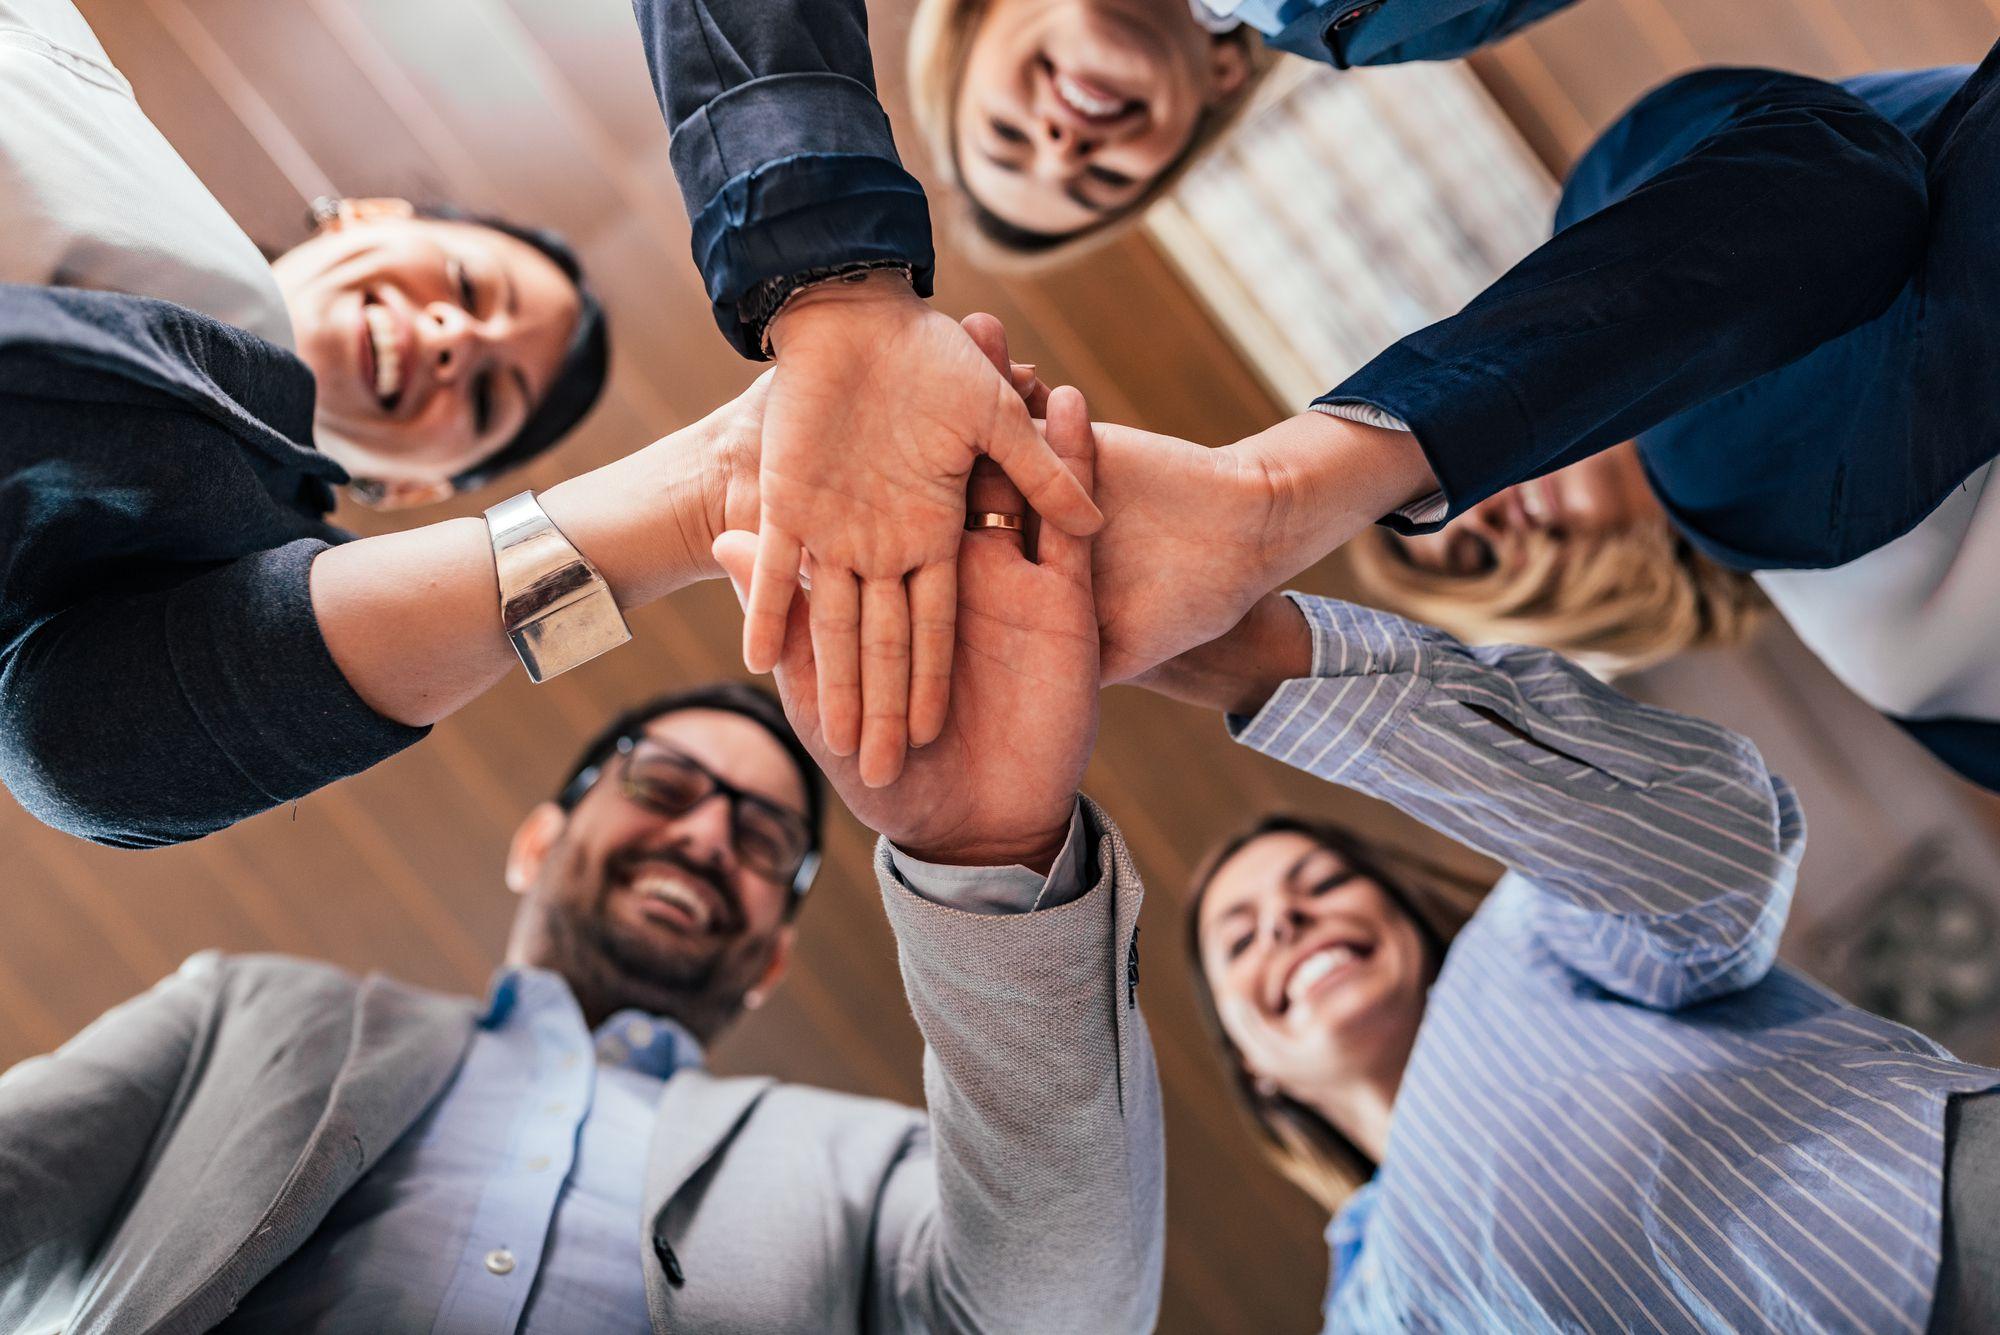 5-tecnicas-para-aumentar-a-motivacao-dos-colaboradores-da-empresa.jpeg